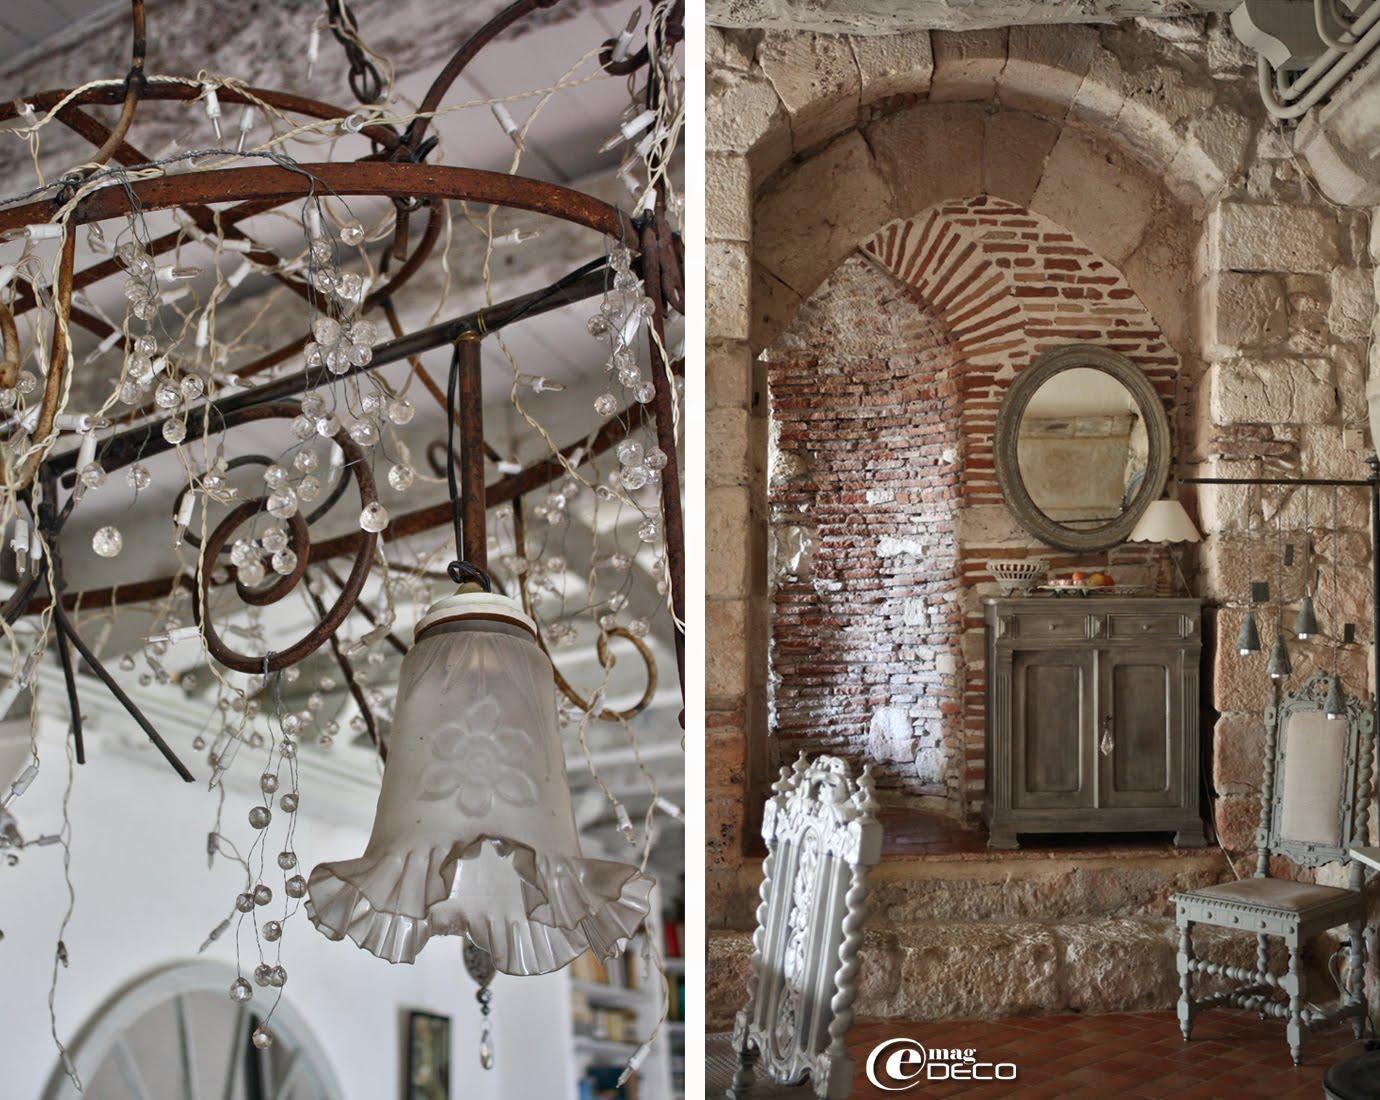 Lustre que Nathalie Guigné a créé à partir d'une ancienne structure de berceau en fer